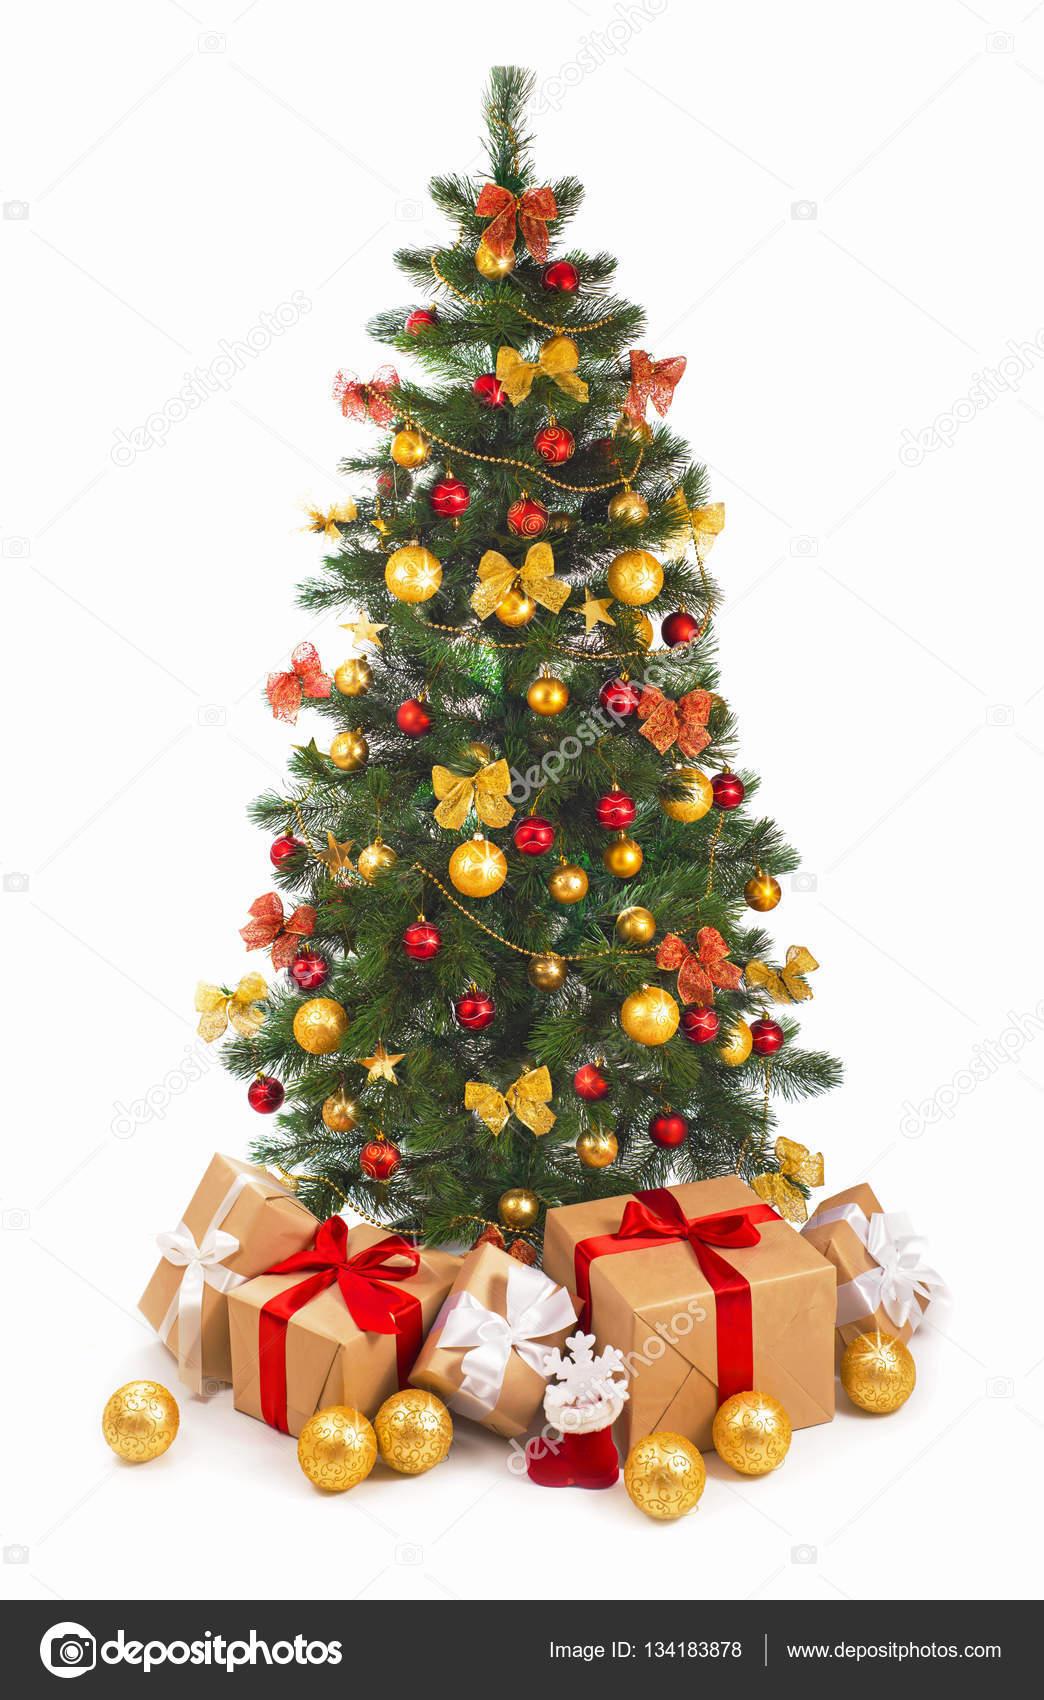 Weihnachten-Szene mit Baum-Geschenke — Stockfoto © aprilphoto #134183878